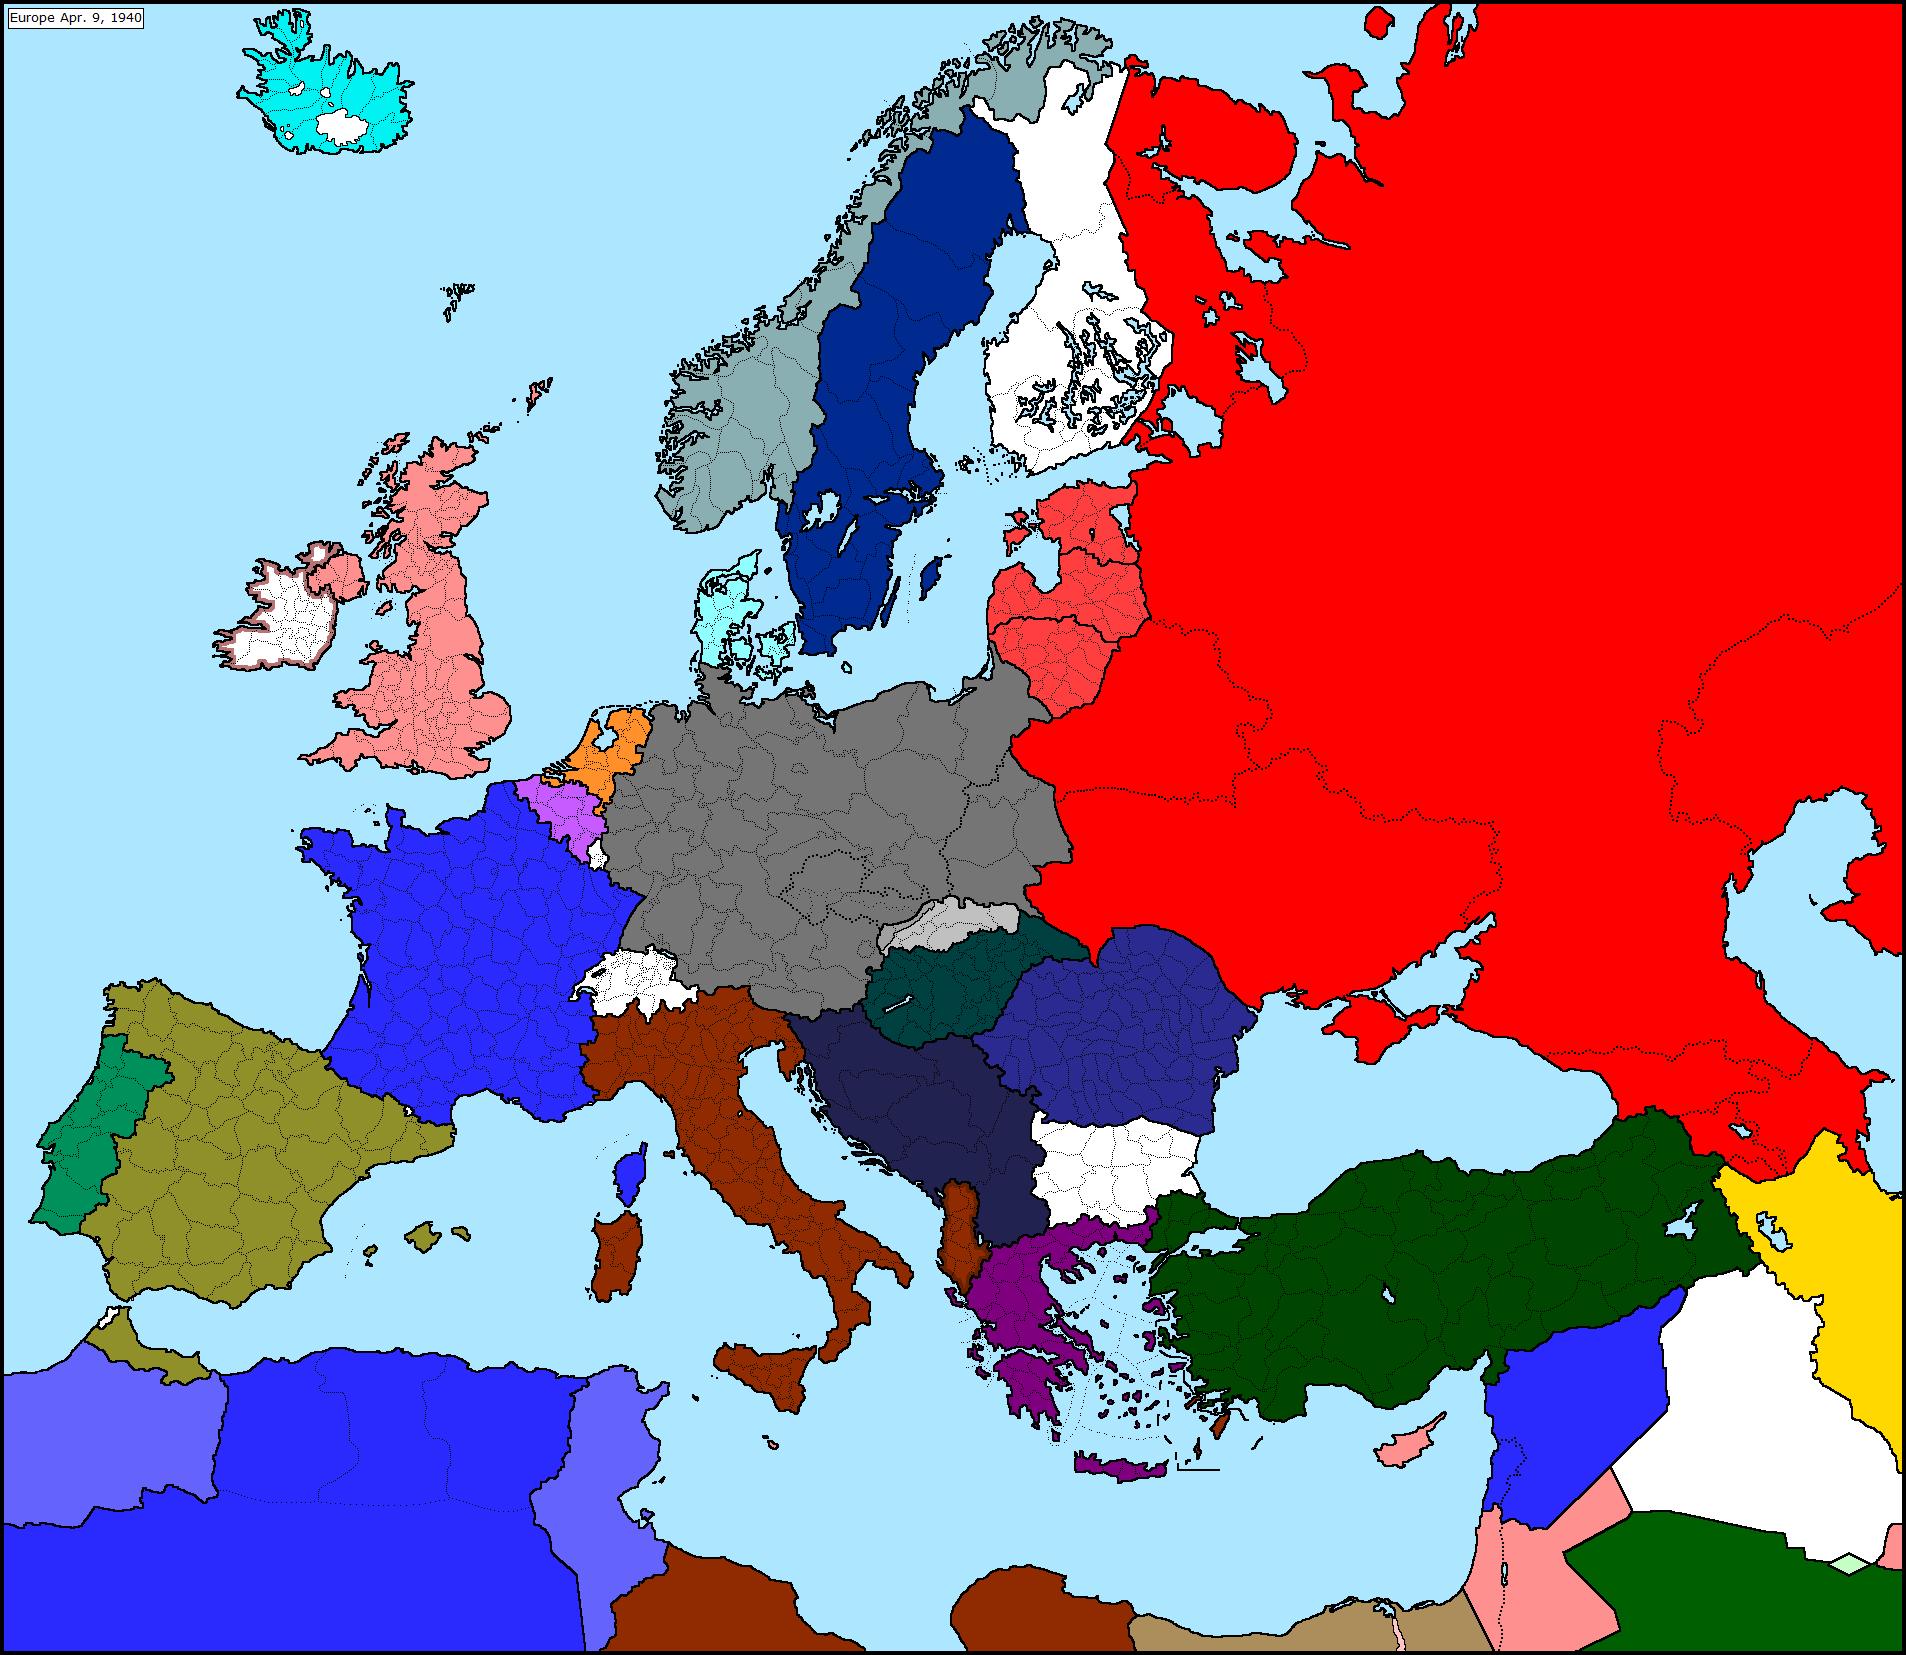 resourceseuropewwiimapseries alternatehistorycom wiki